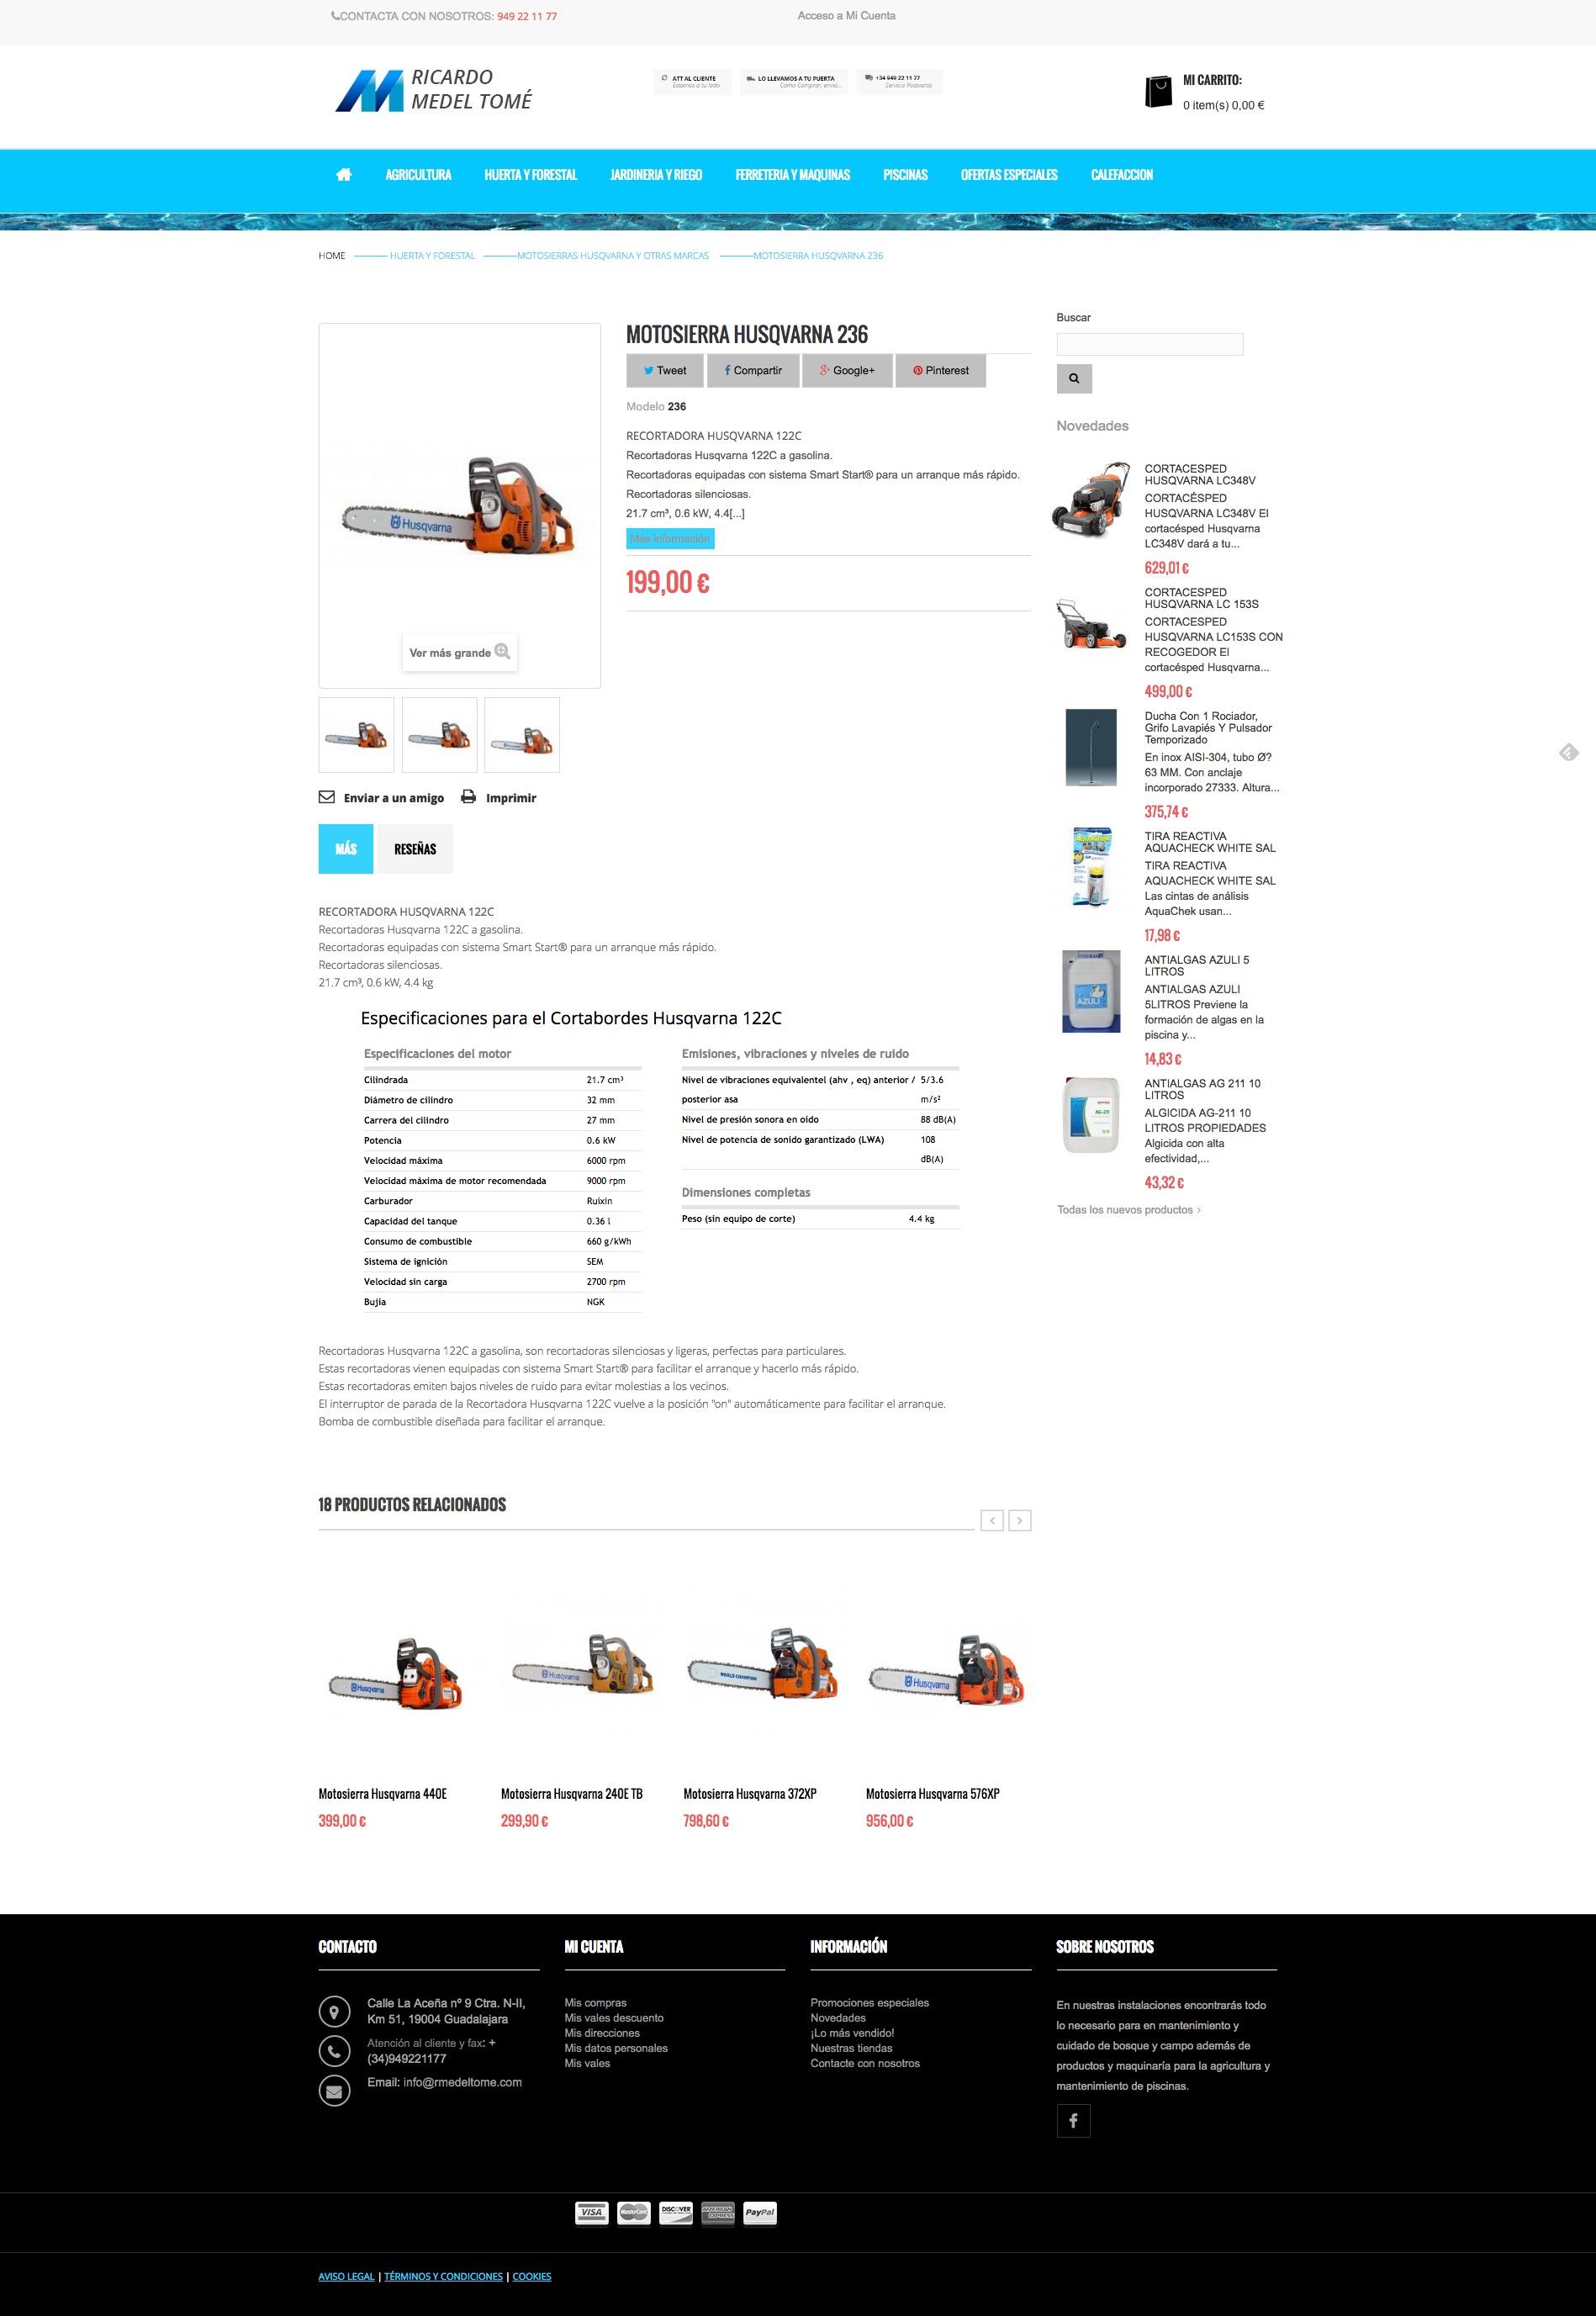 Tienda online Medel Tomé